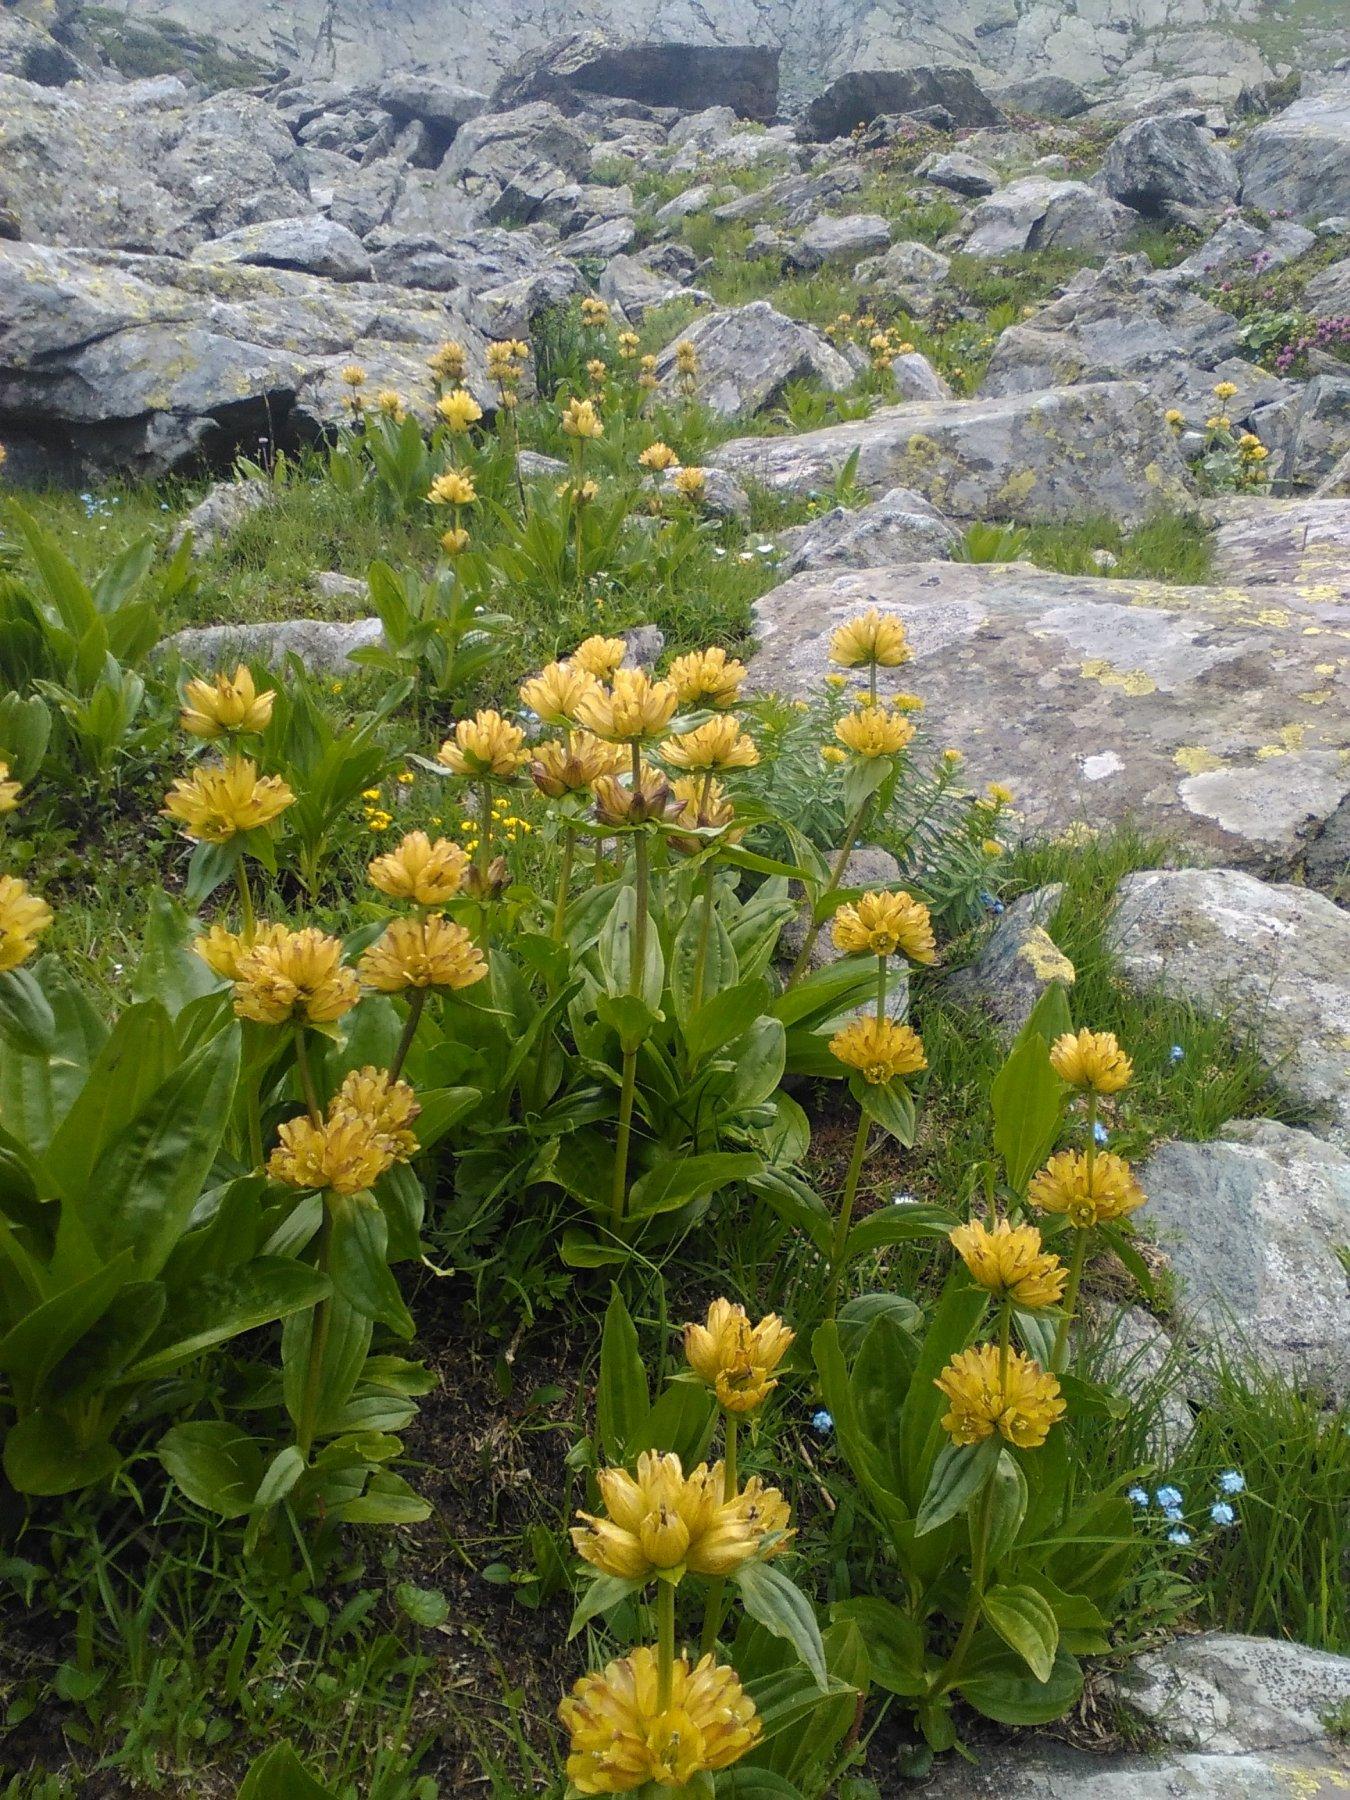 fioritura di genziana, nell'800 i Tirolesi (gli Alamàn) raccoglievano le radici e le distillavano a Balme